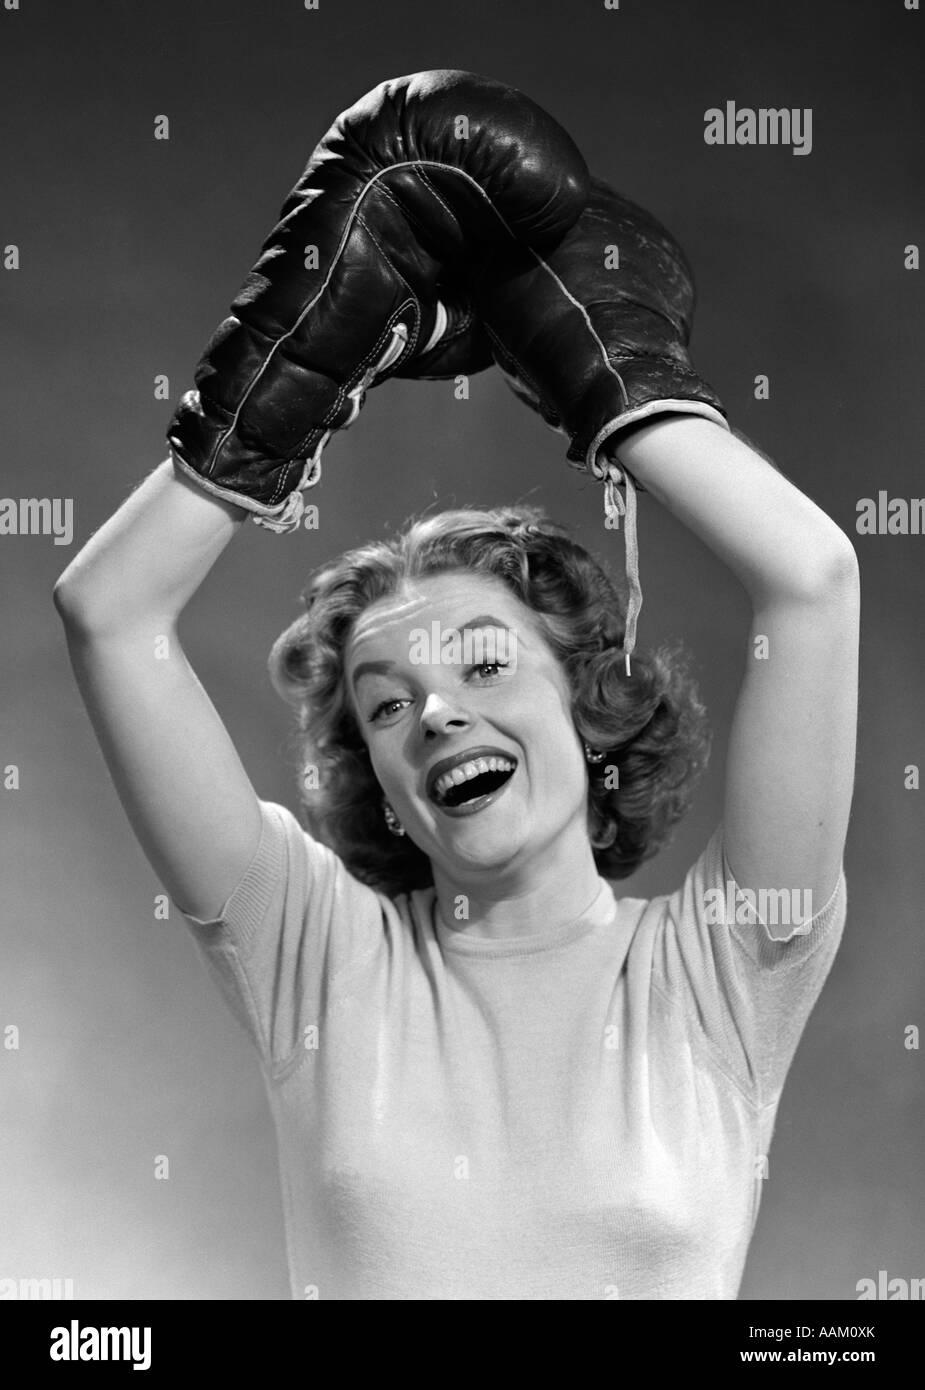 Década de retrato de mulher que usa luvas de boxe EM GANHAR REPRESENTAM OS BRAÇOS LEVANTADOS SOBRECARGA Imagens de Stock